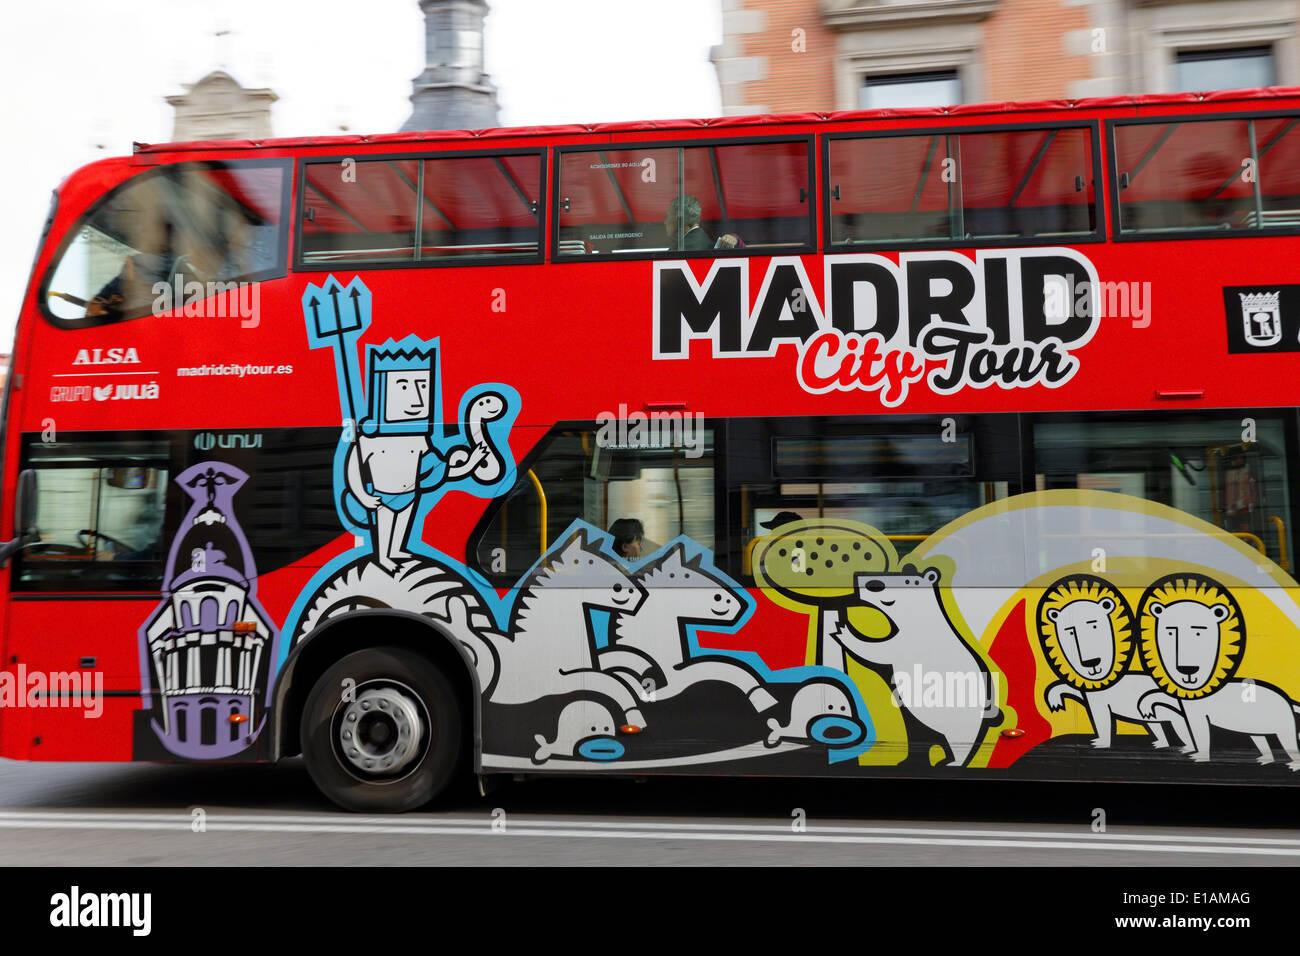 Nahaufnahme von einem Sightseeing-Bus in Bewegung, Madrid, Spanien Stockbild